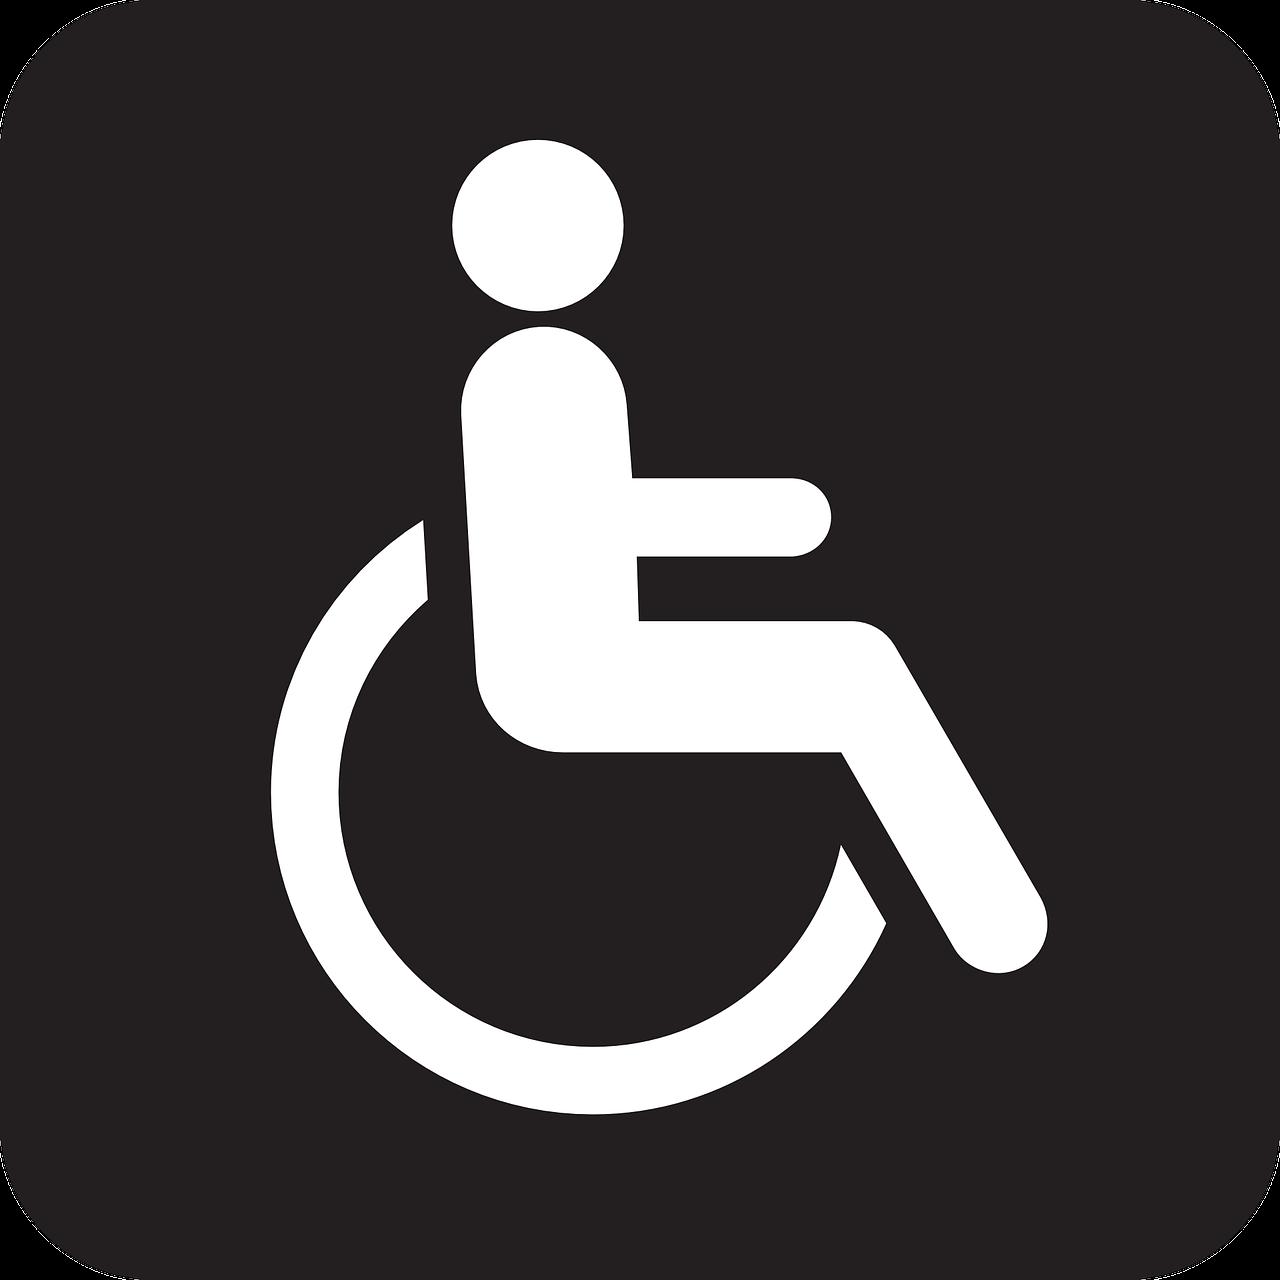 Trainingscentrum Arbeid Heerhugowaard Ervaren instelling gehandicaptenzorg verstandelijk gehandicapten